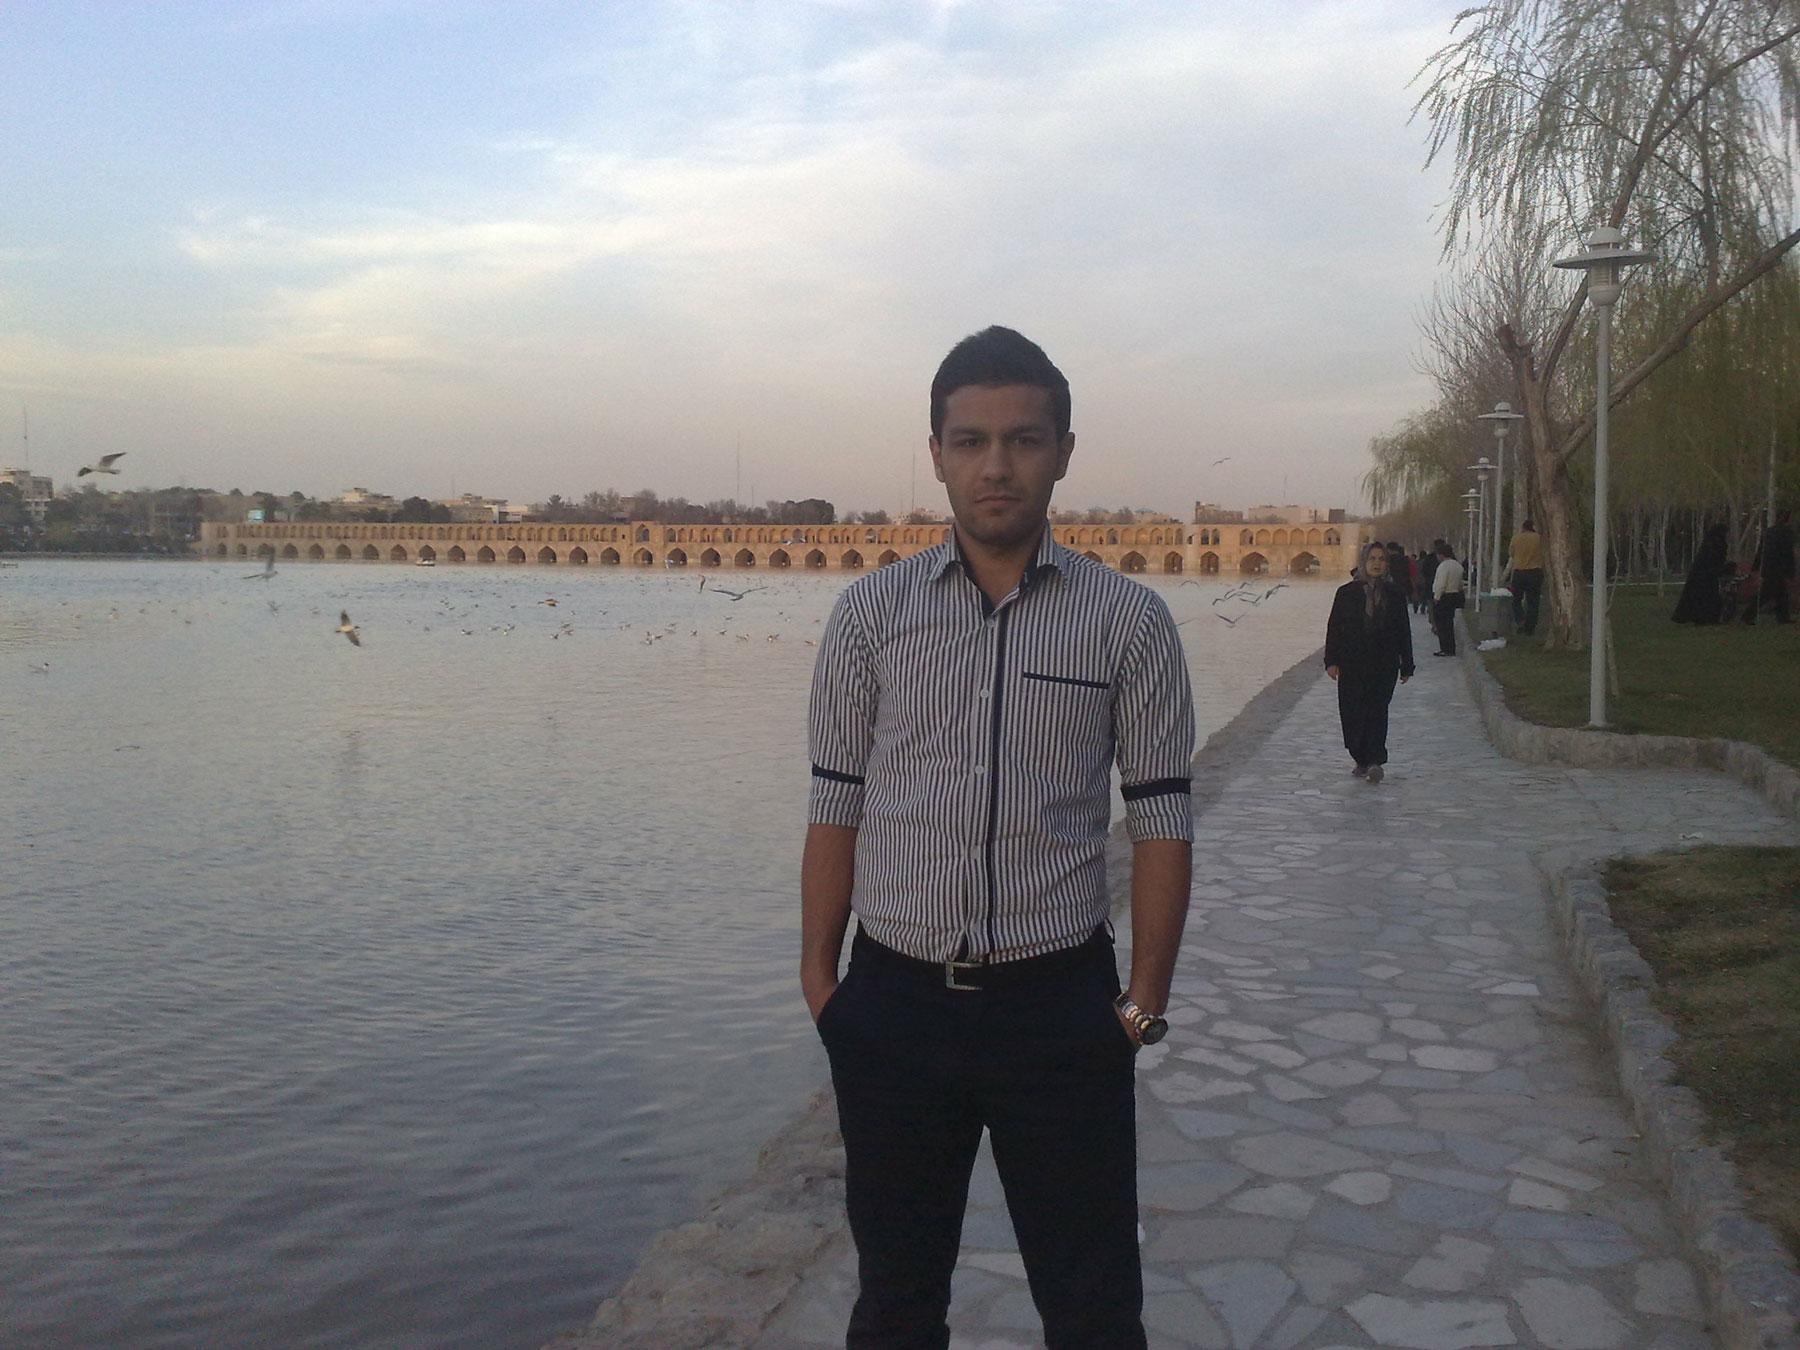 اسماعیل بهشتی، زاینده رود و سی و سه پل اصفهان